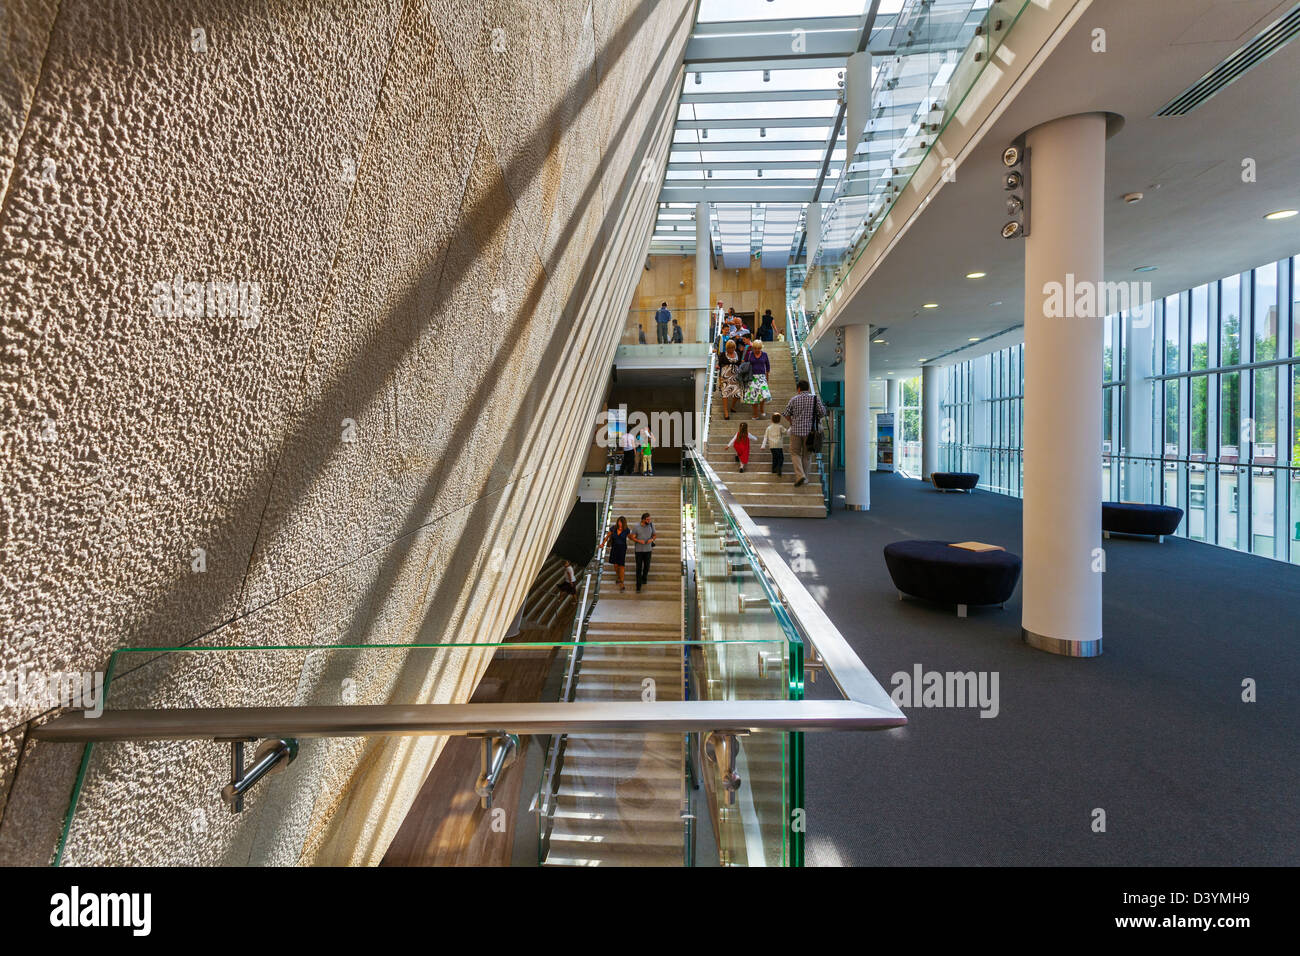 Philharmonic in Olsztyn, Warmia and Mazuria, Poland Stock Photo